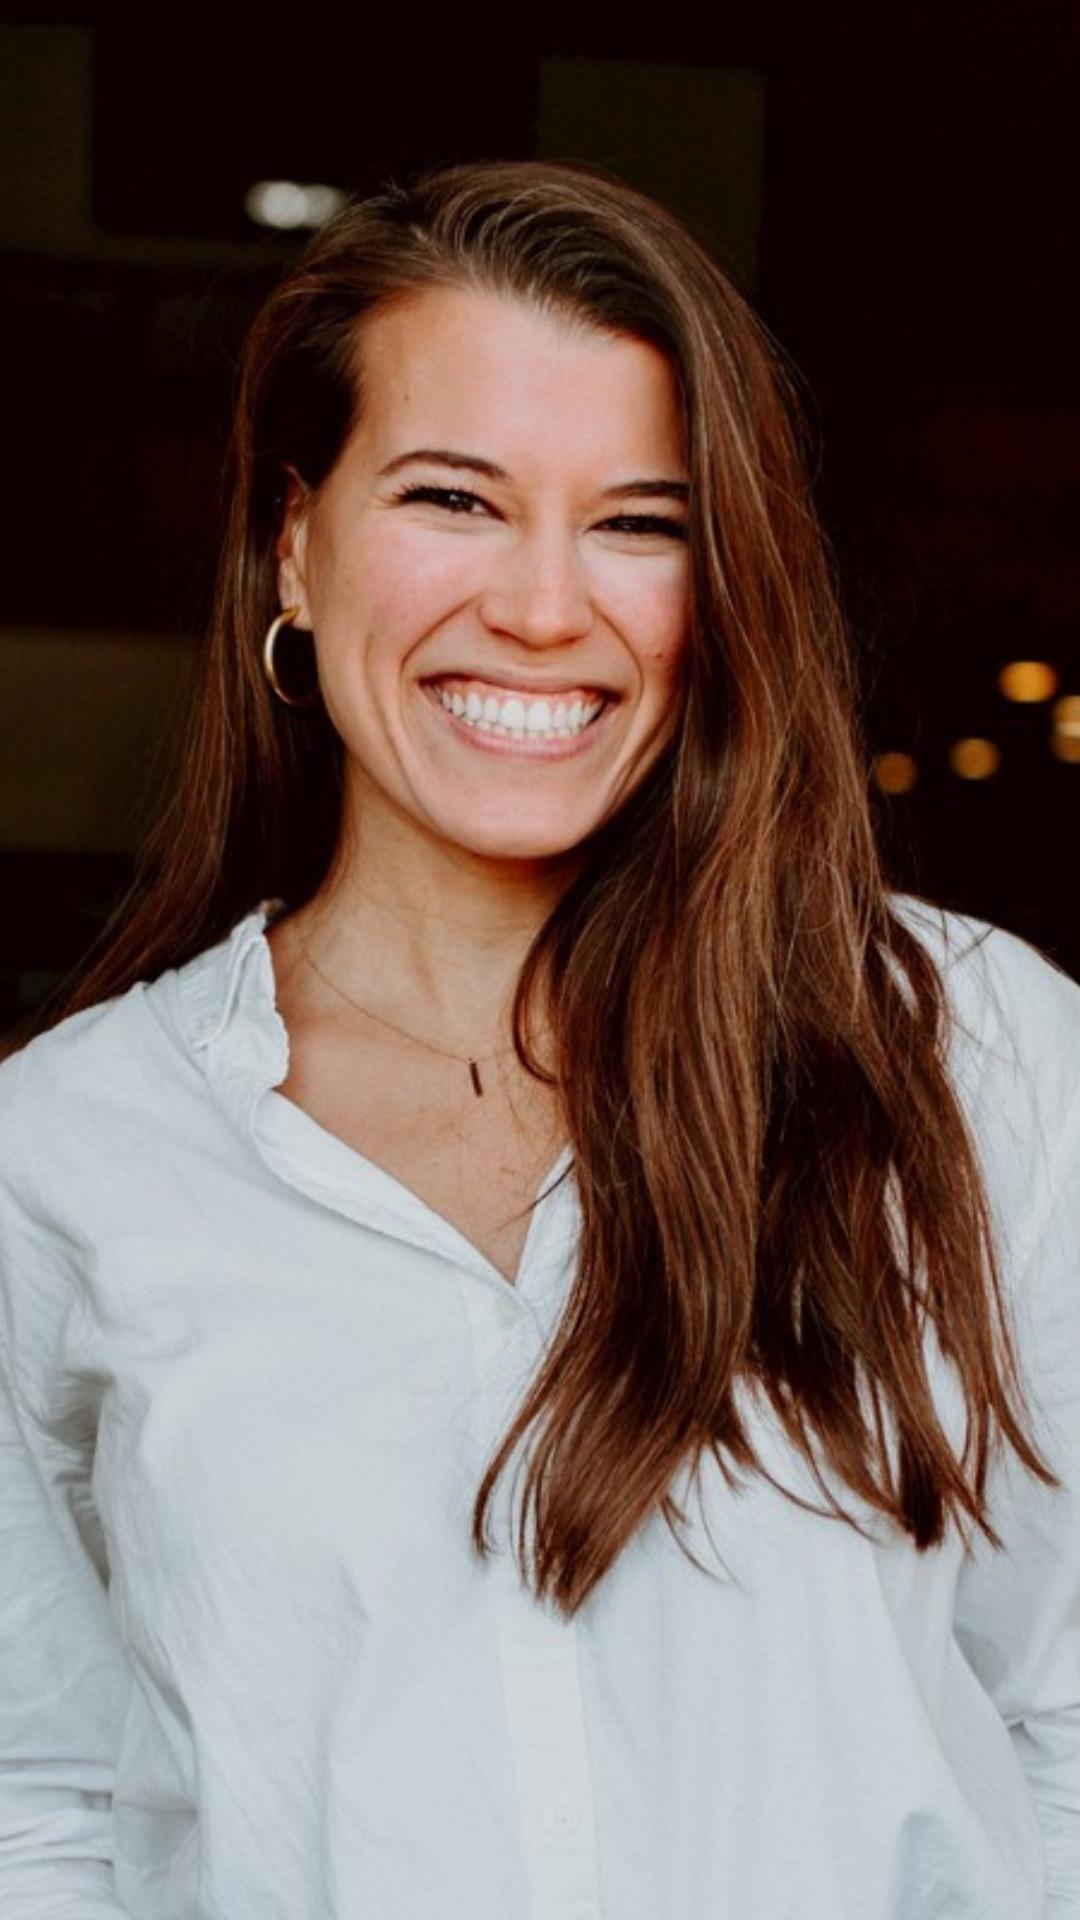 Megan Baynham